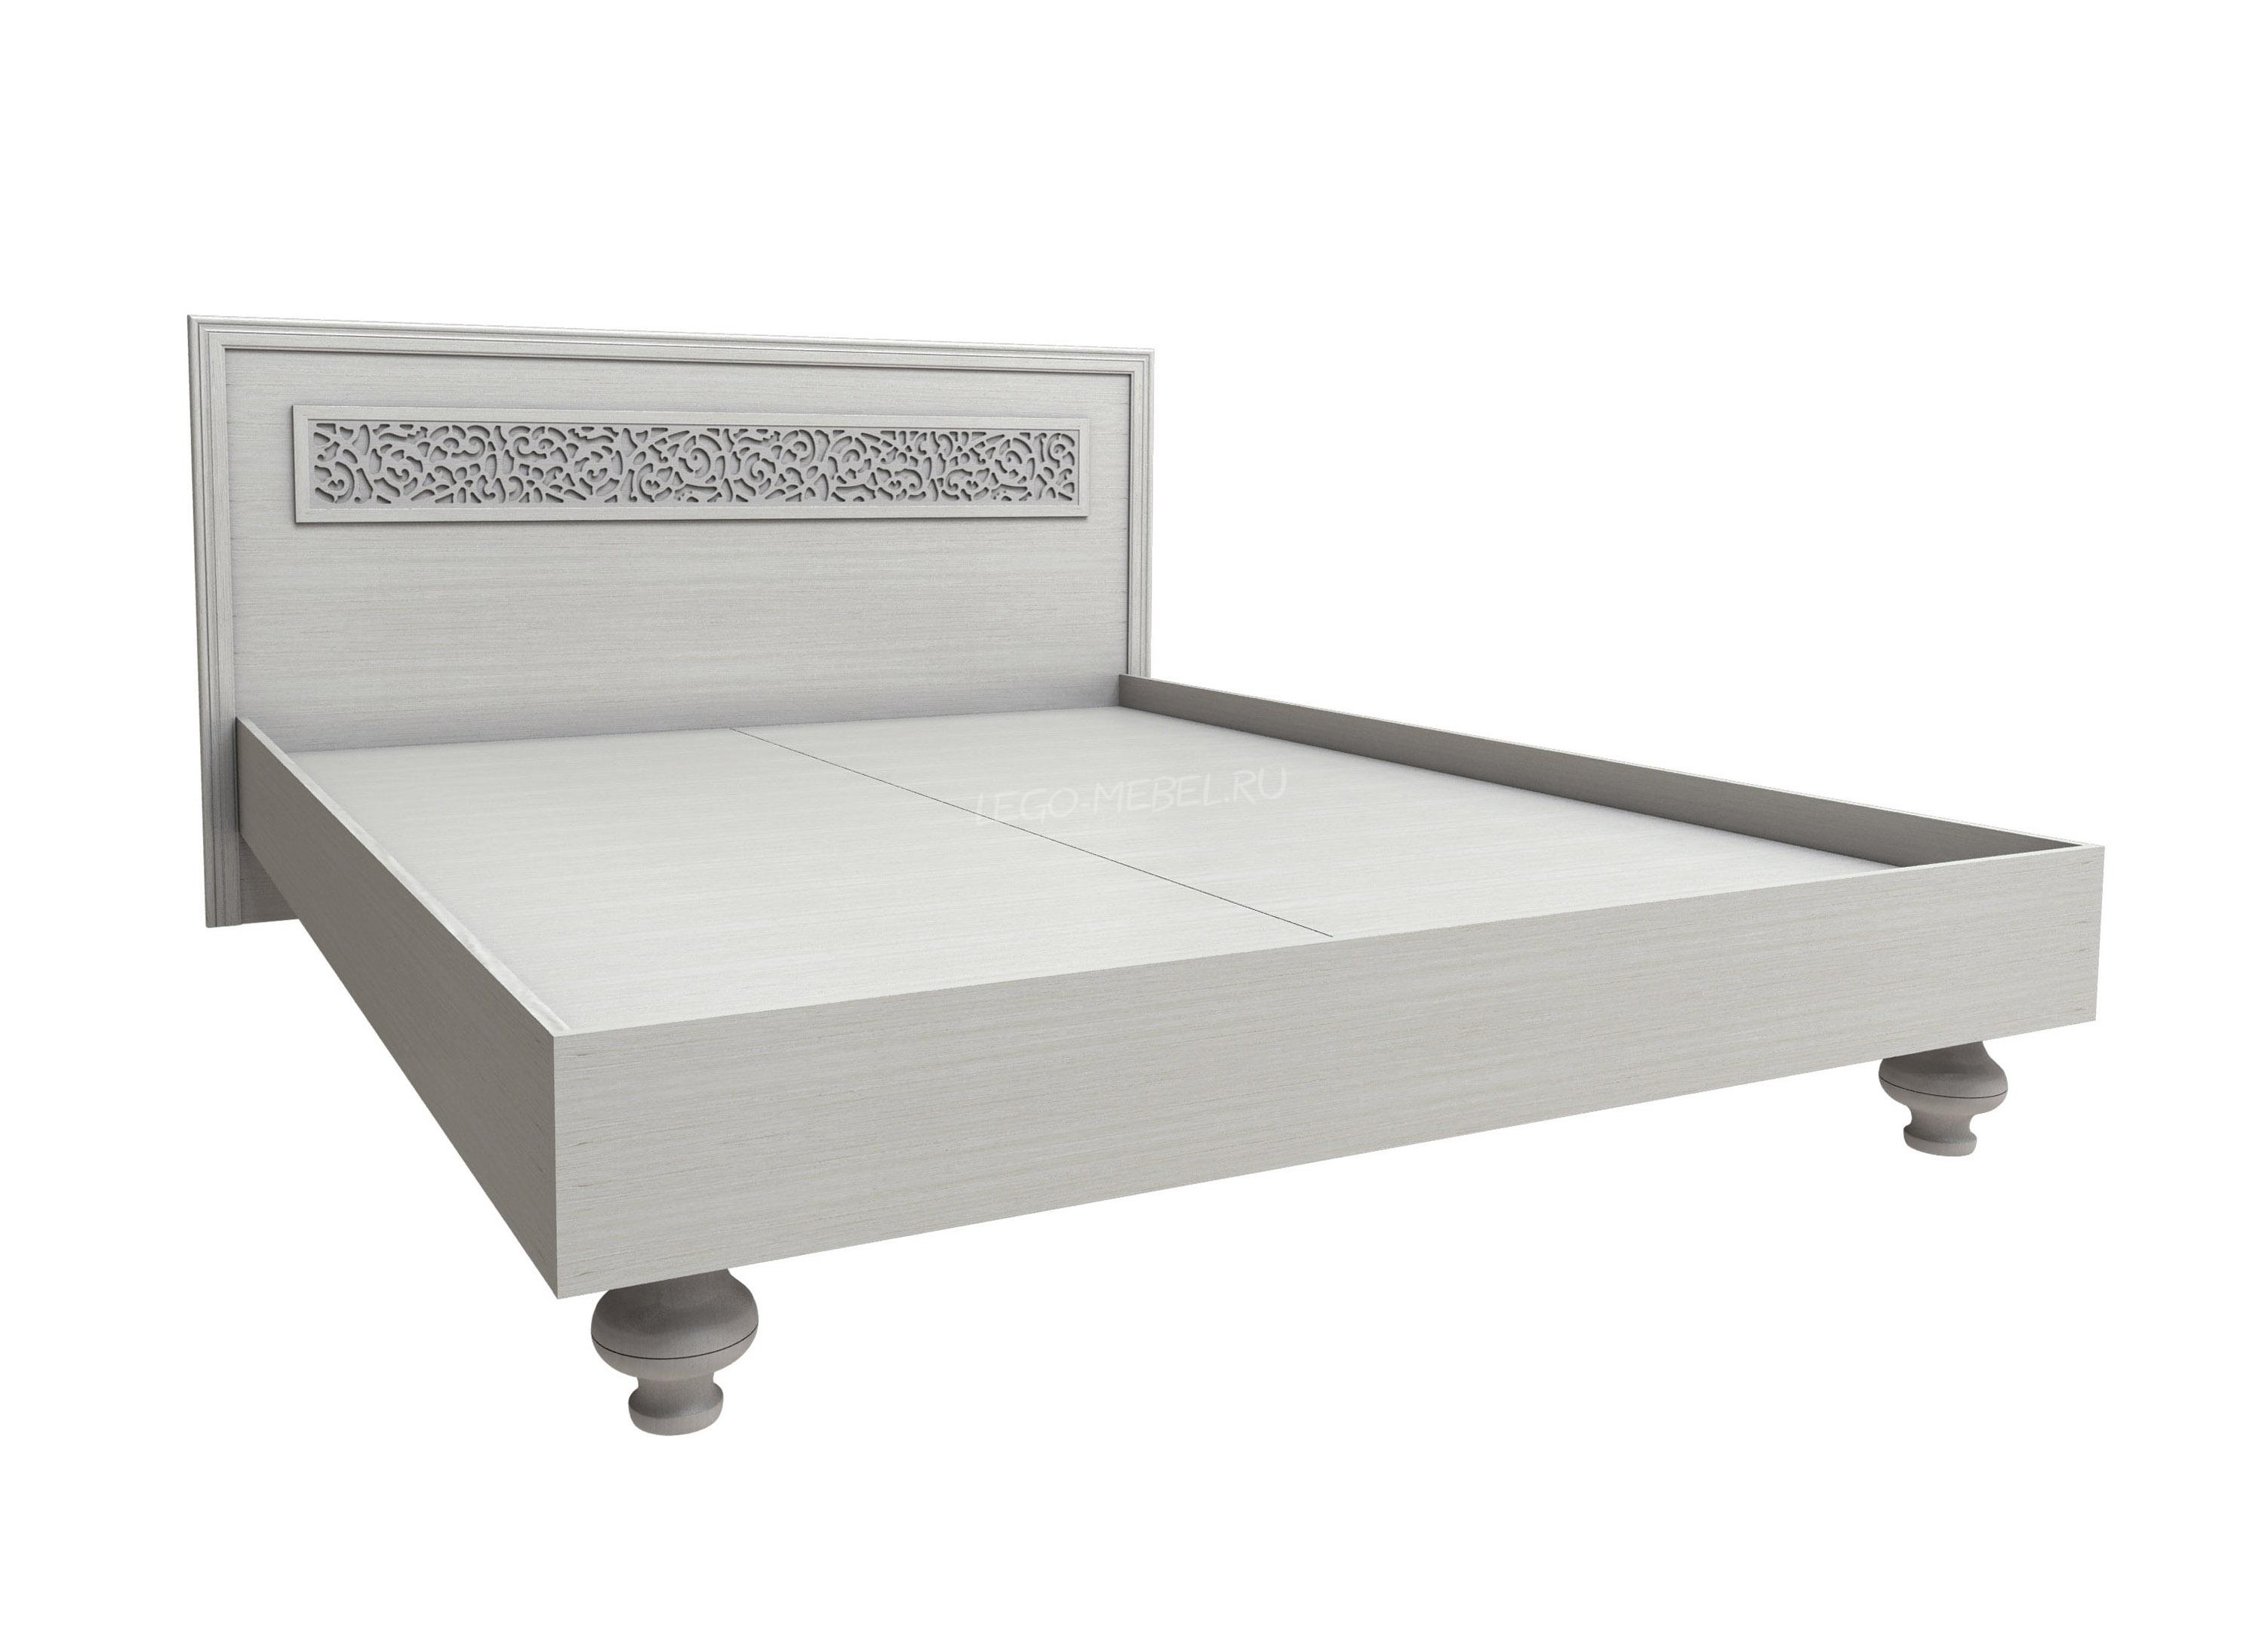 Спальня Виктория Кровать КР-160 - основание-щит